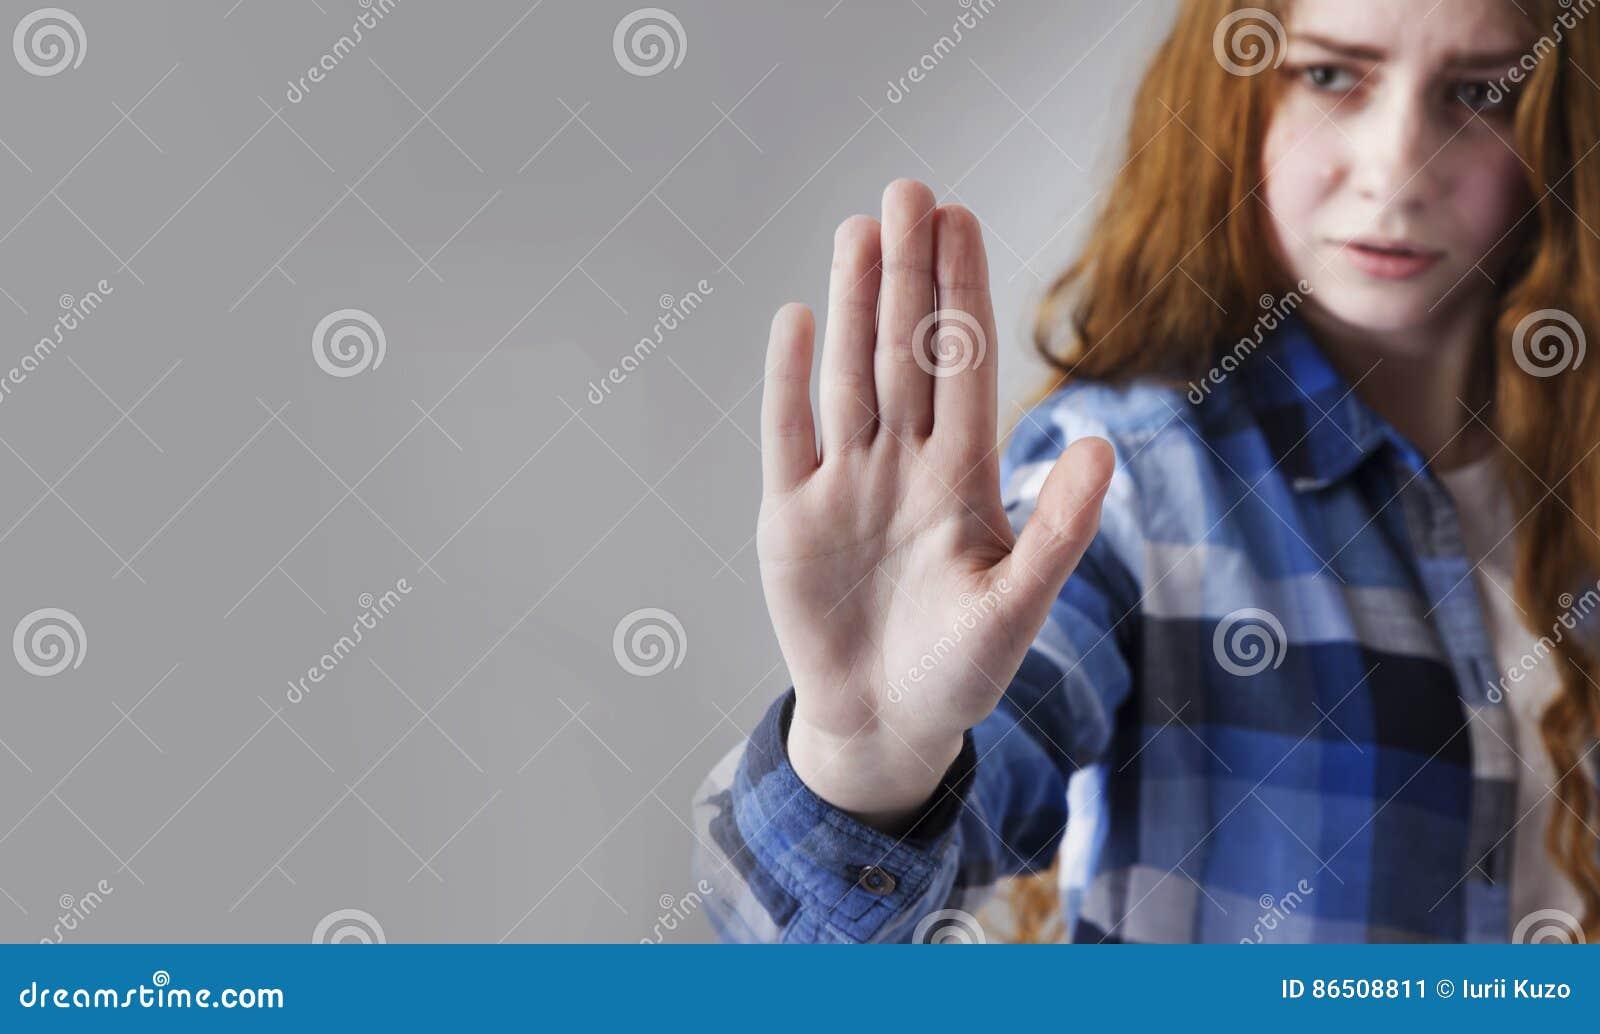 Lenguaje corporal del gesto de la muestra de la mano de la parada de la demostración de la muchacha, gestos, picosegundo